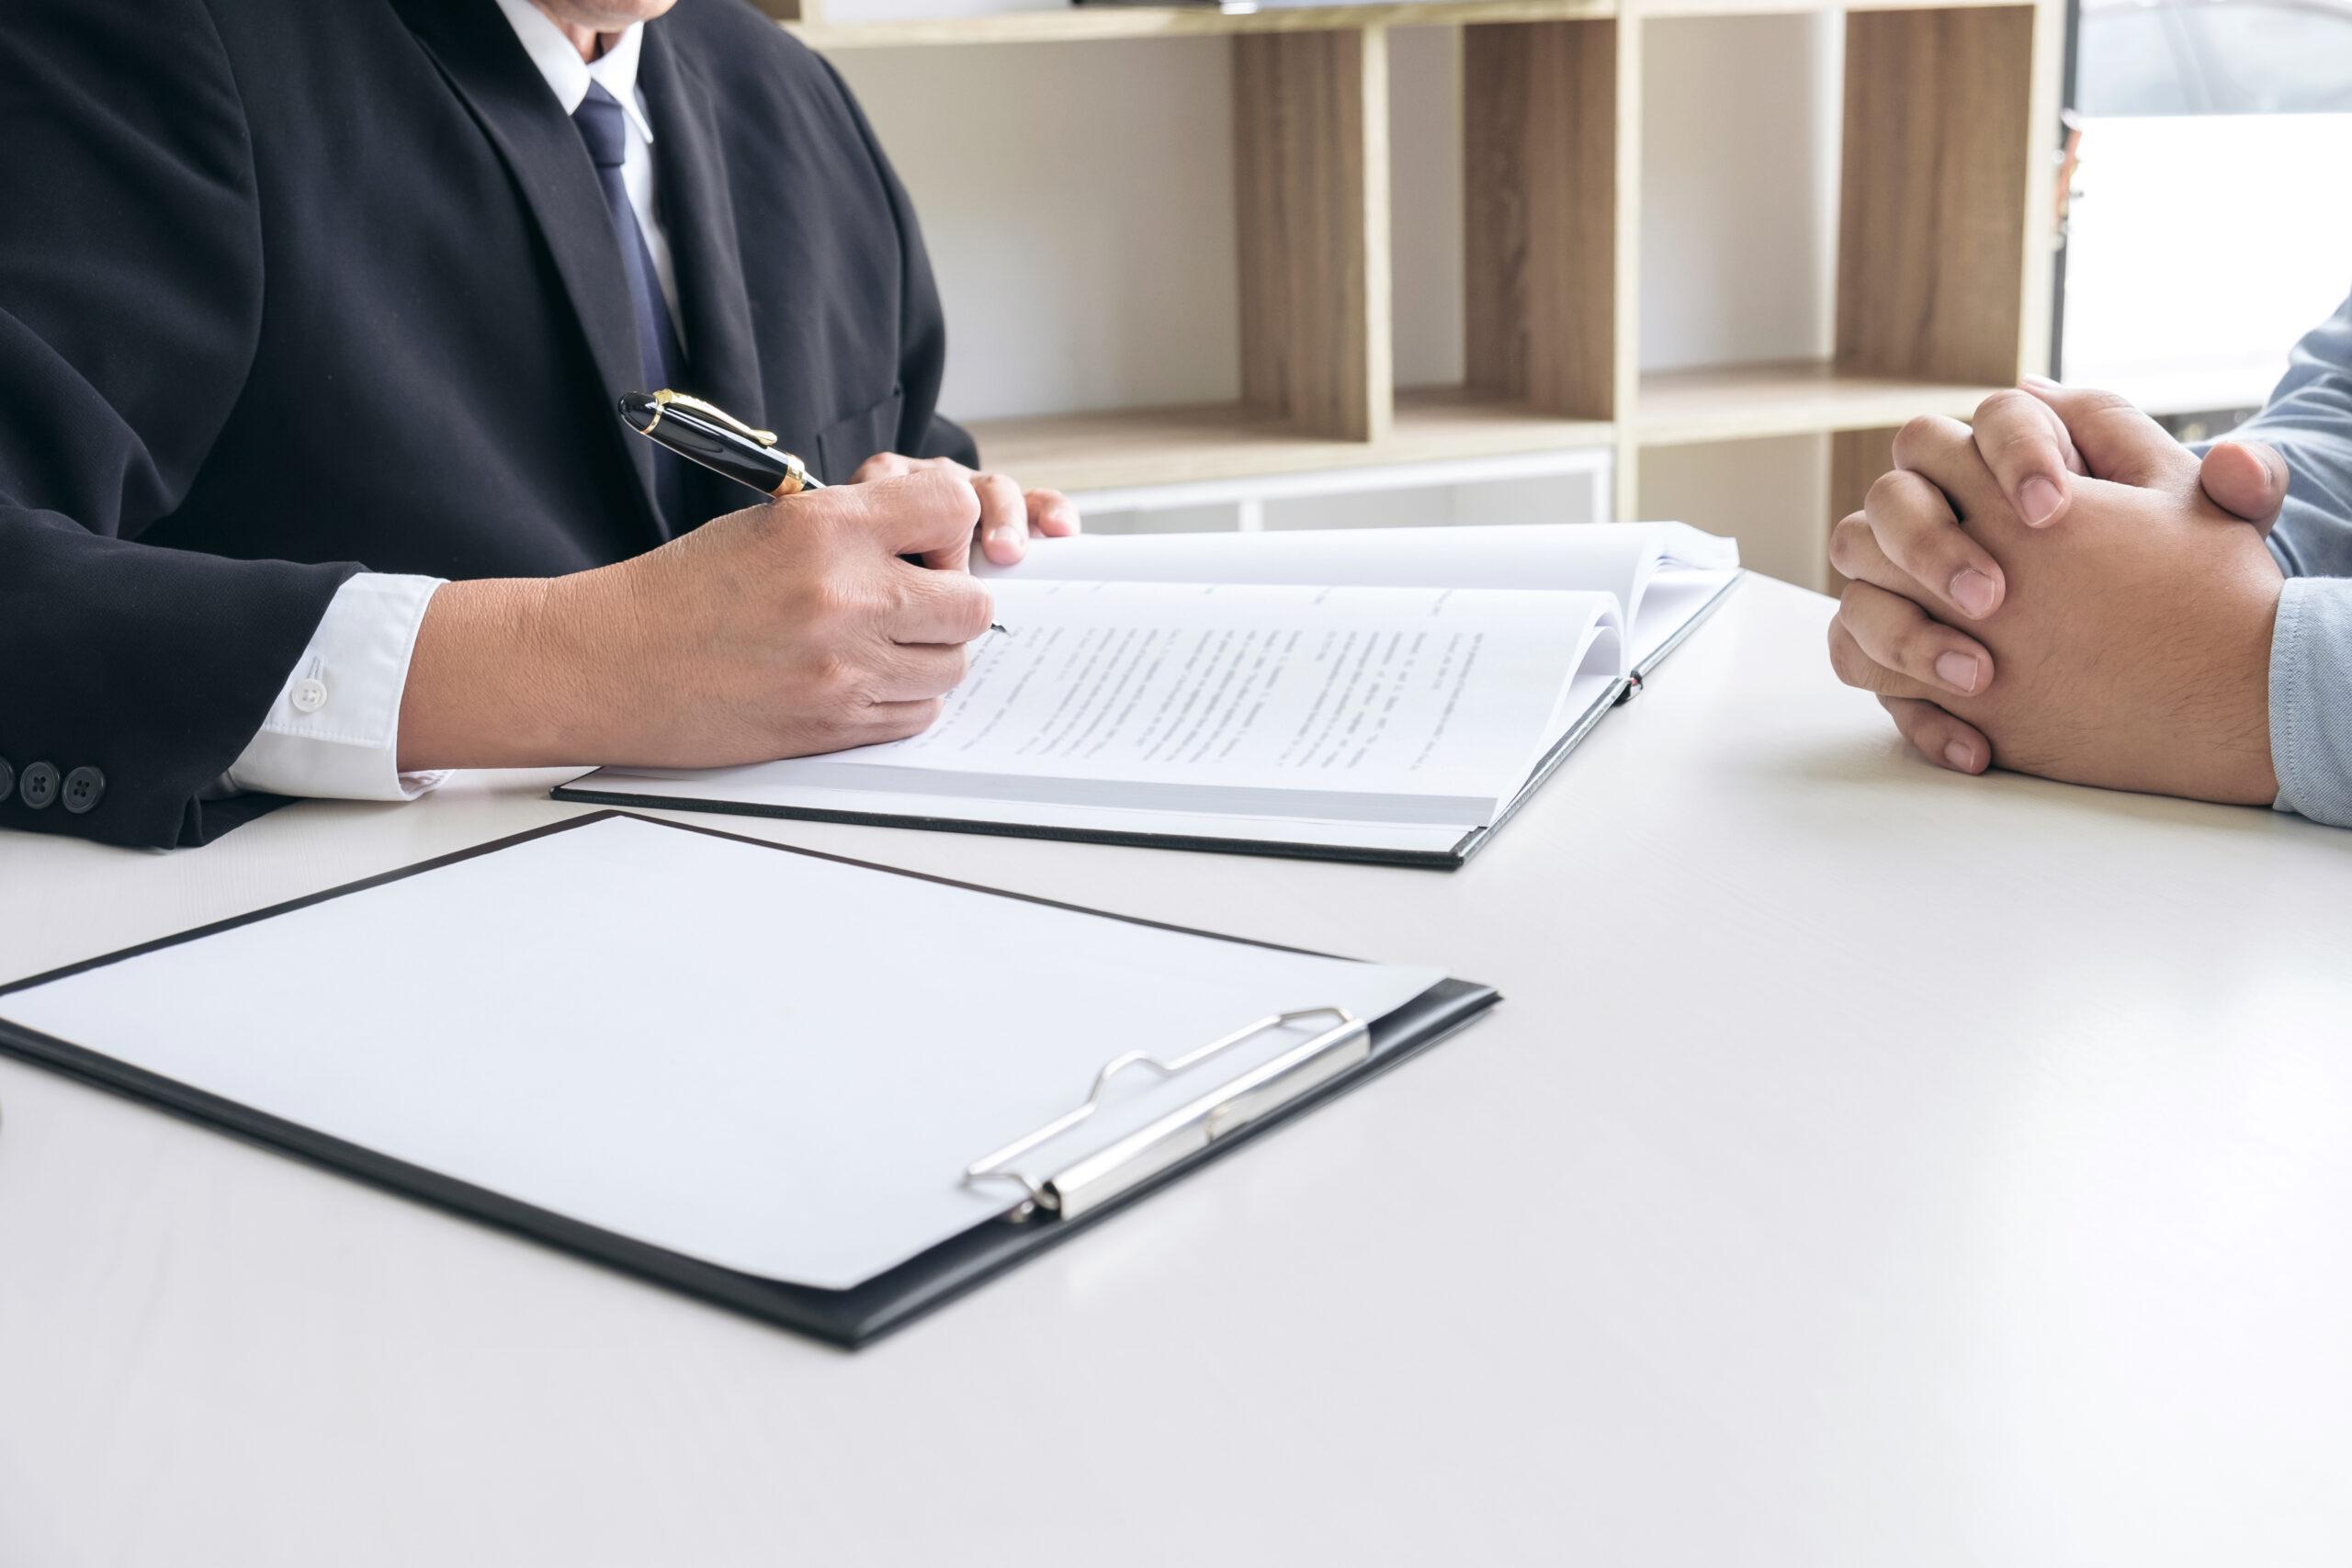 転職時の自己分析のやり方を6つのステップで徹底解説。自己分析の注意点も